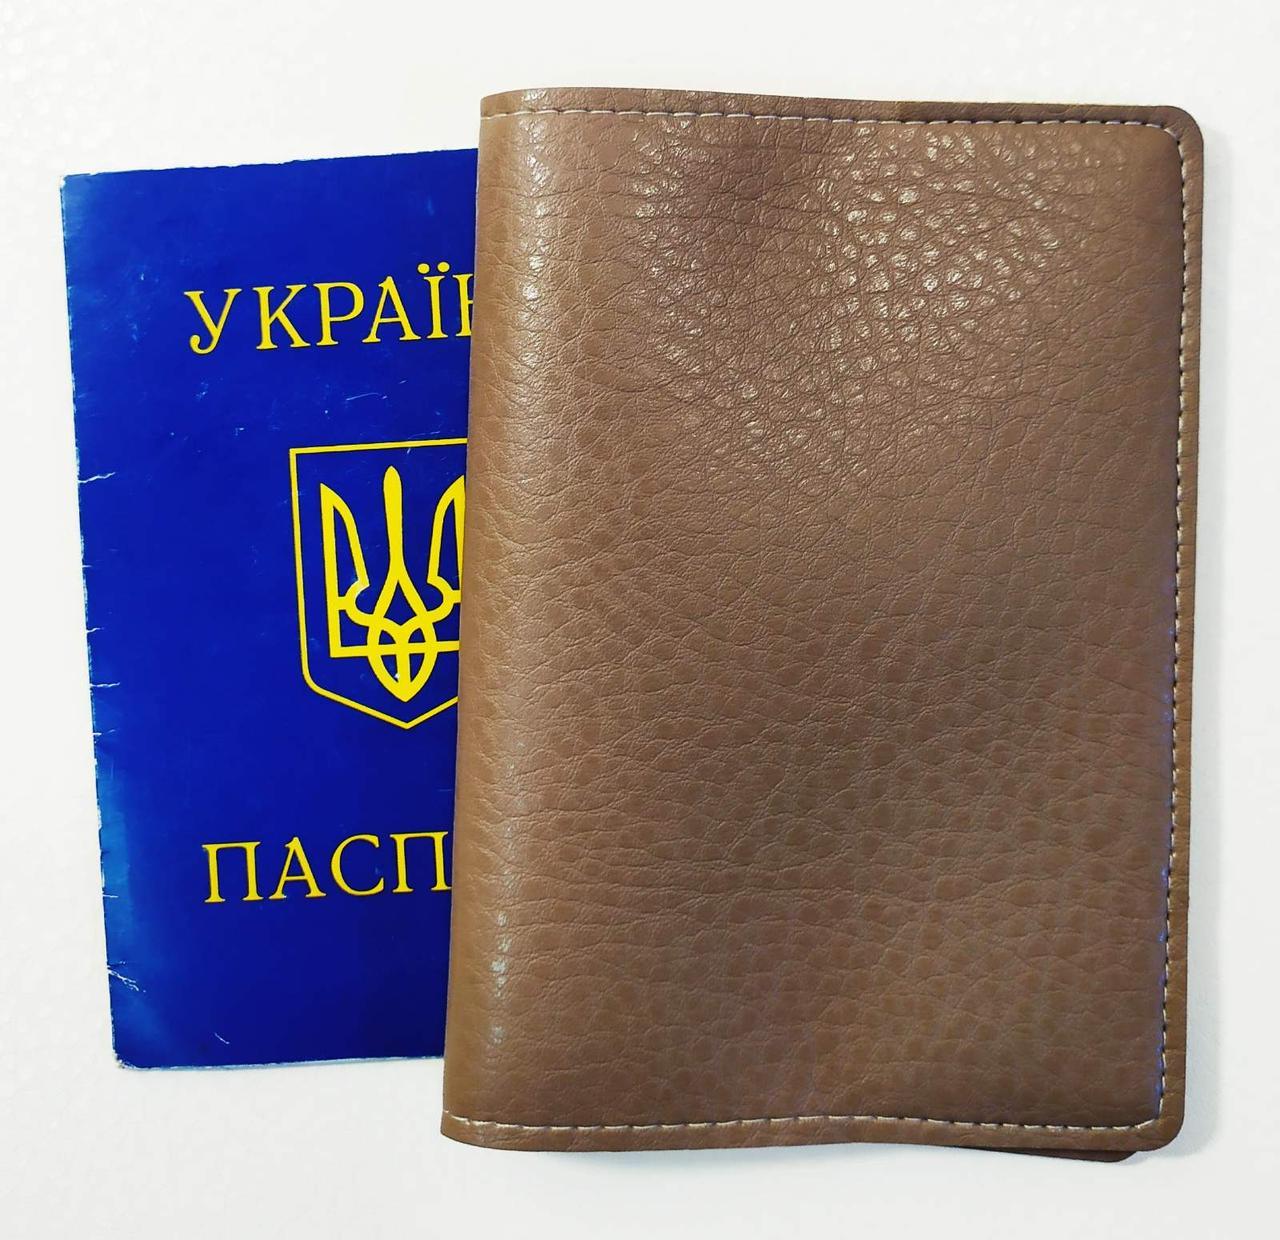 Обложка на биометрический, заграничный или внутренний паспорт